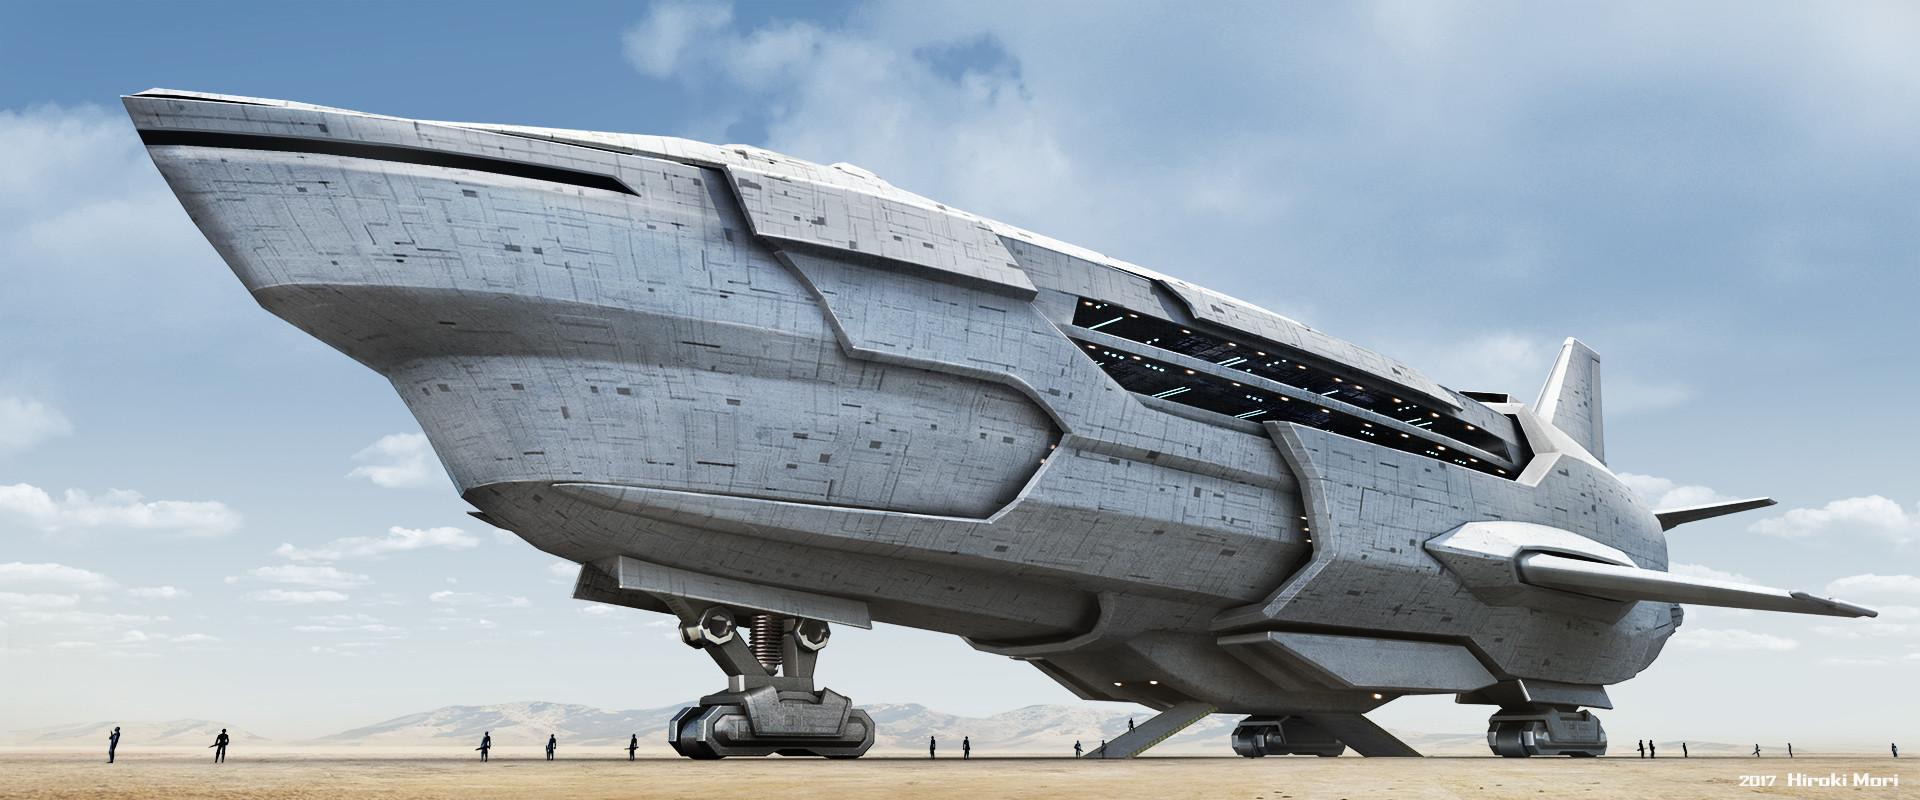 hiroki-mori-spaceship-2.jpg?1513901337